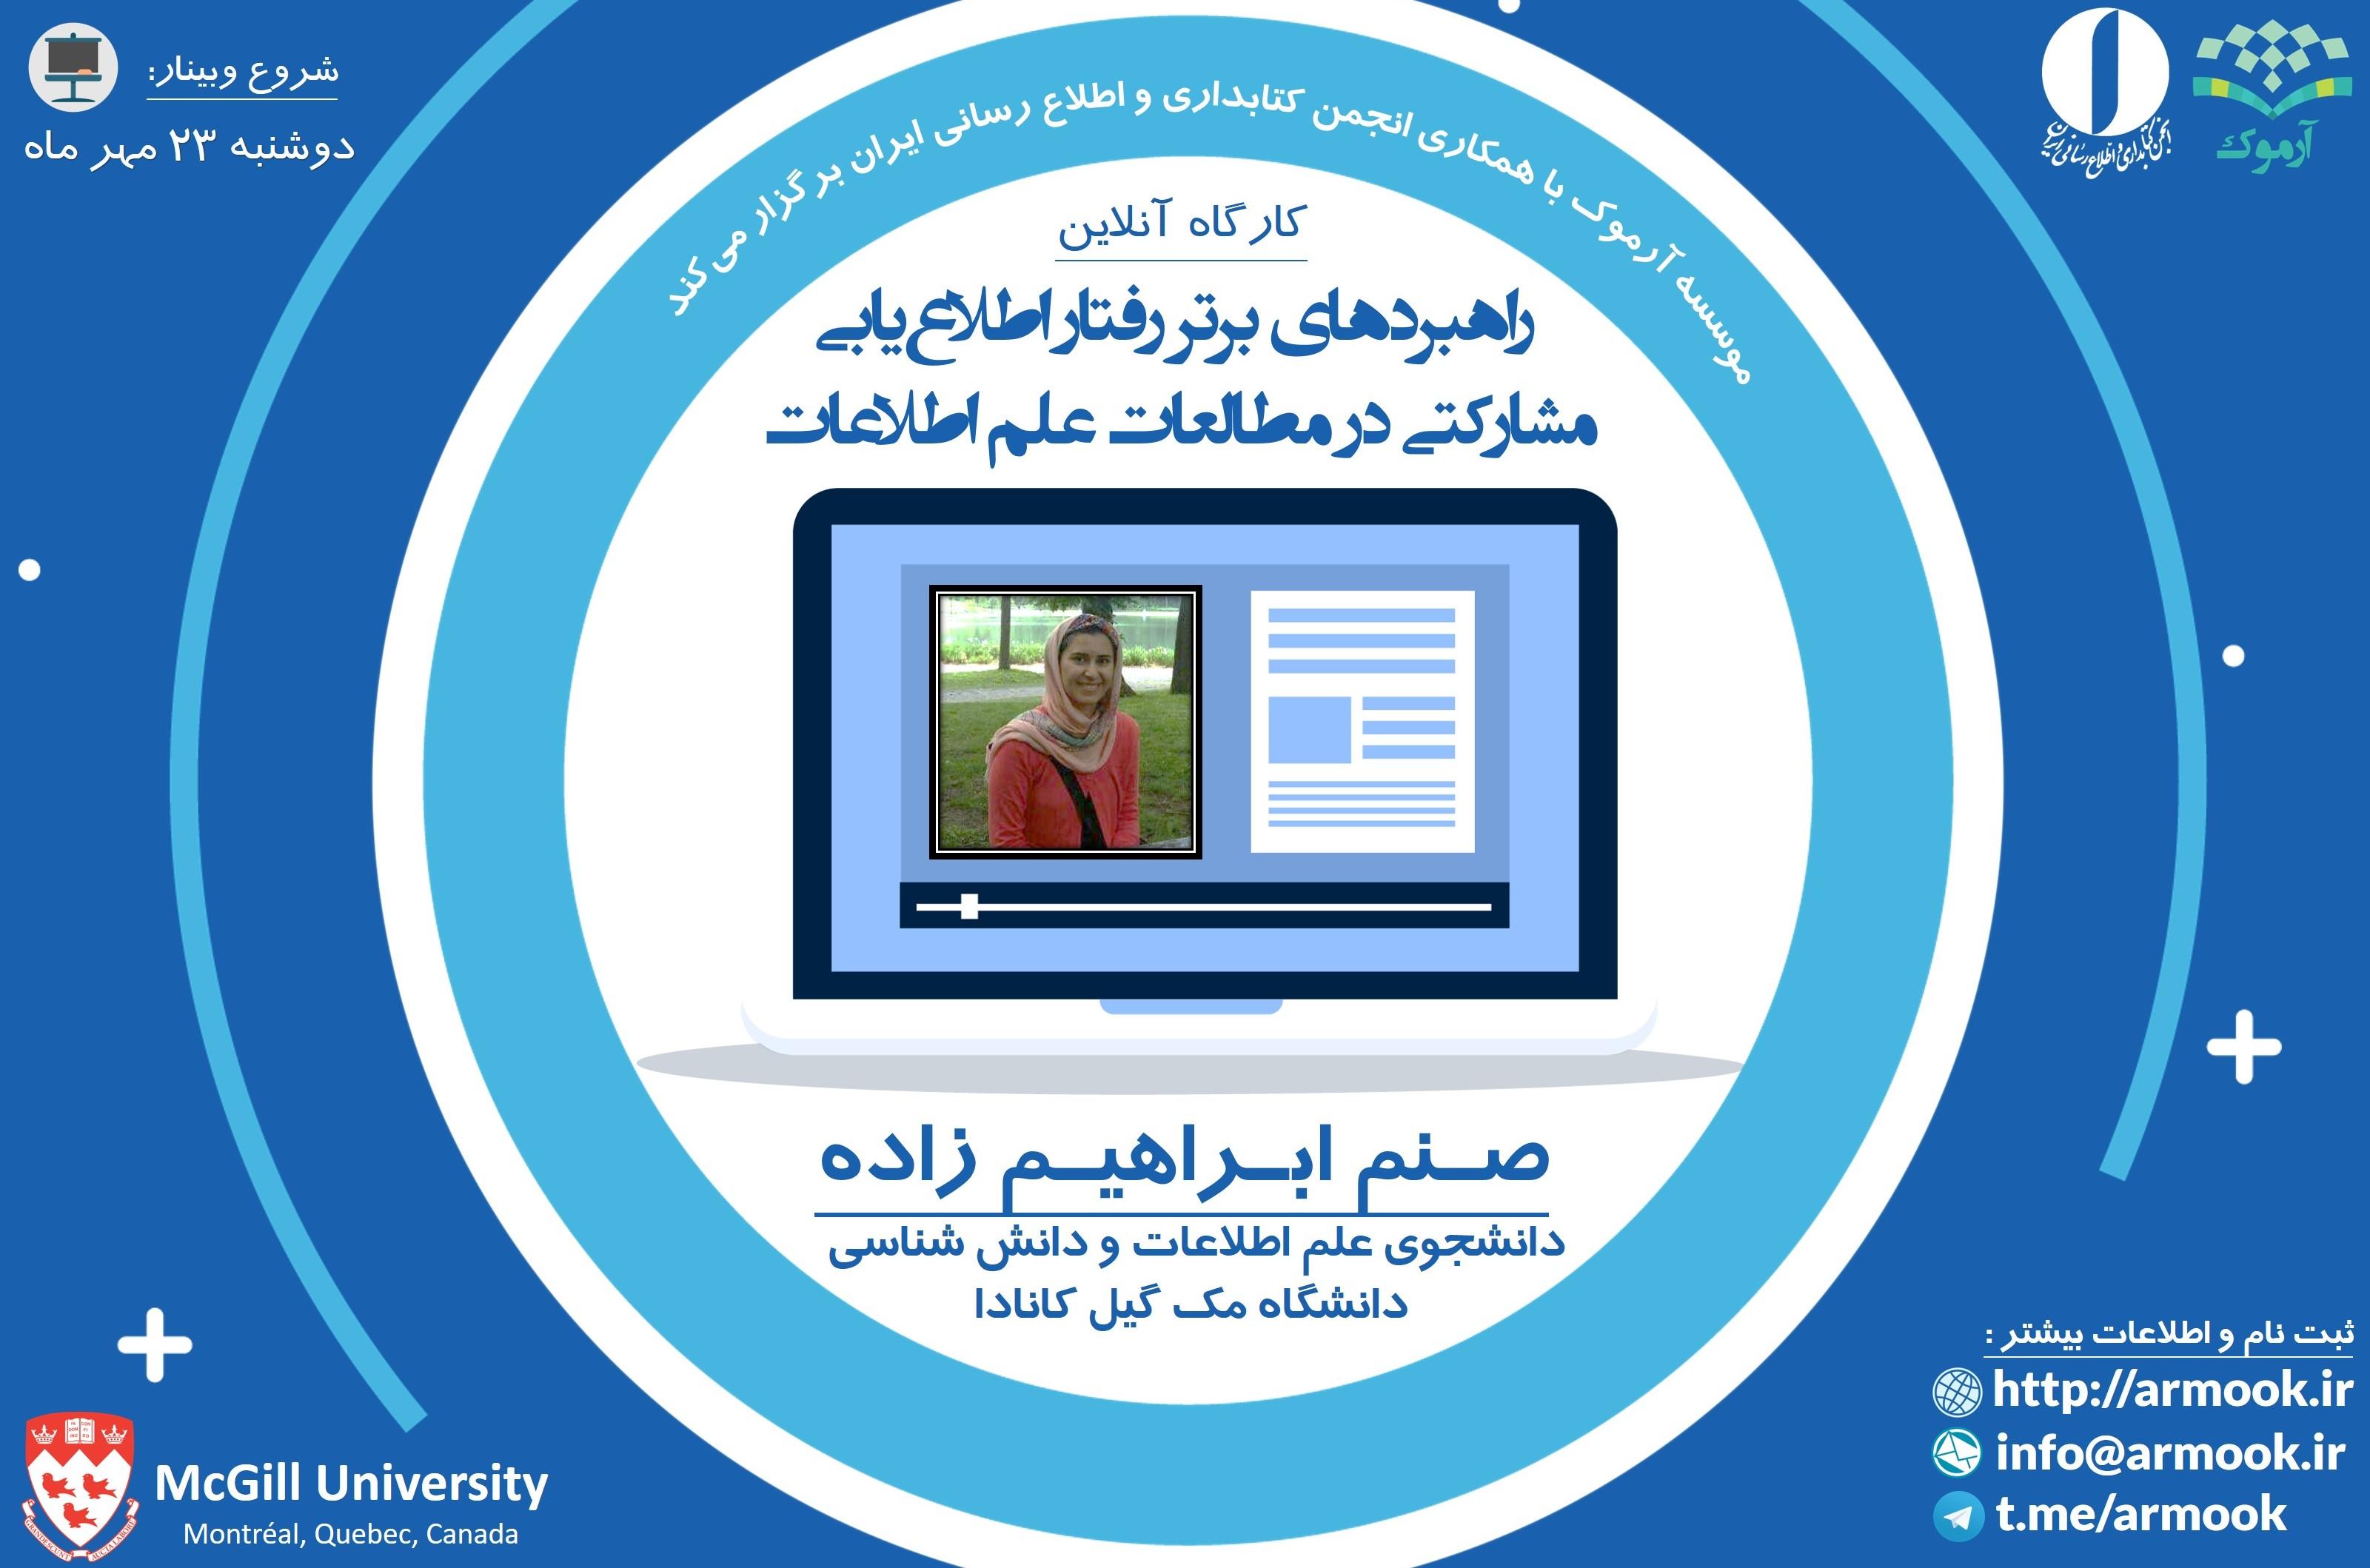 برگزاری وبینار «راهبردهای برتر رفتار اطلاعیابی مشاركتی در مطالعات علم اطلاعات»